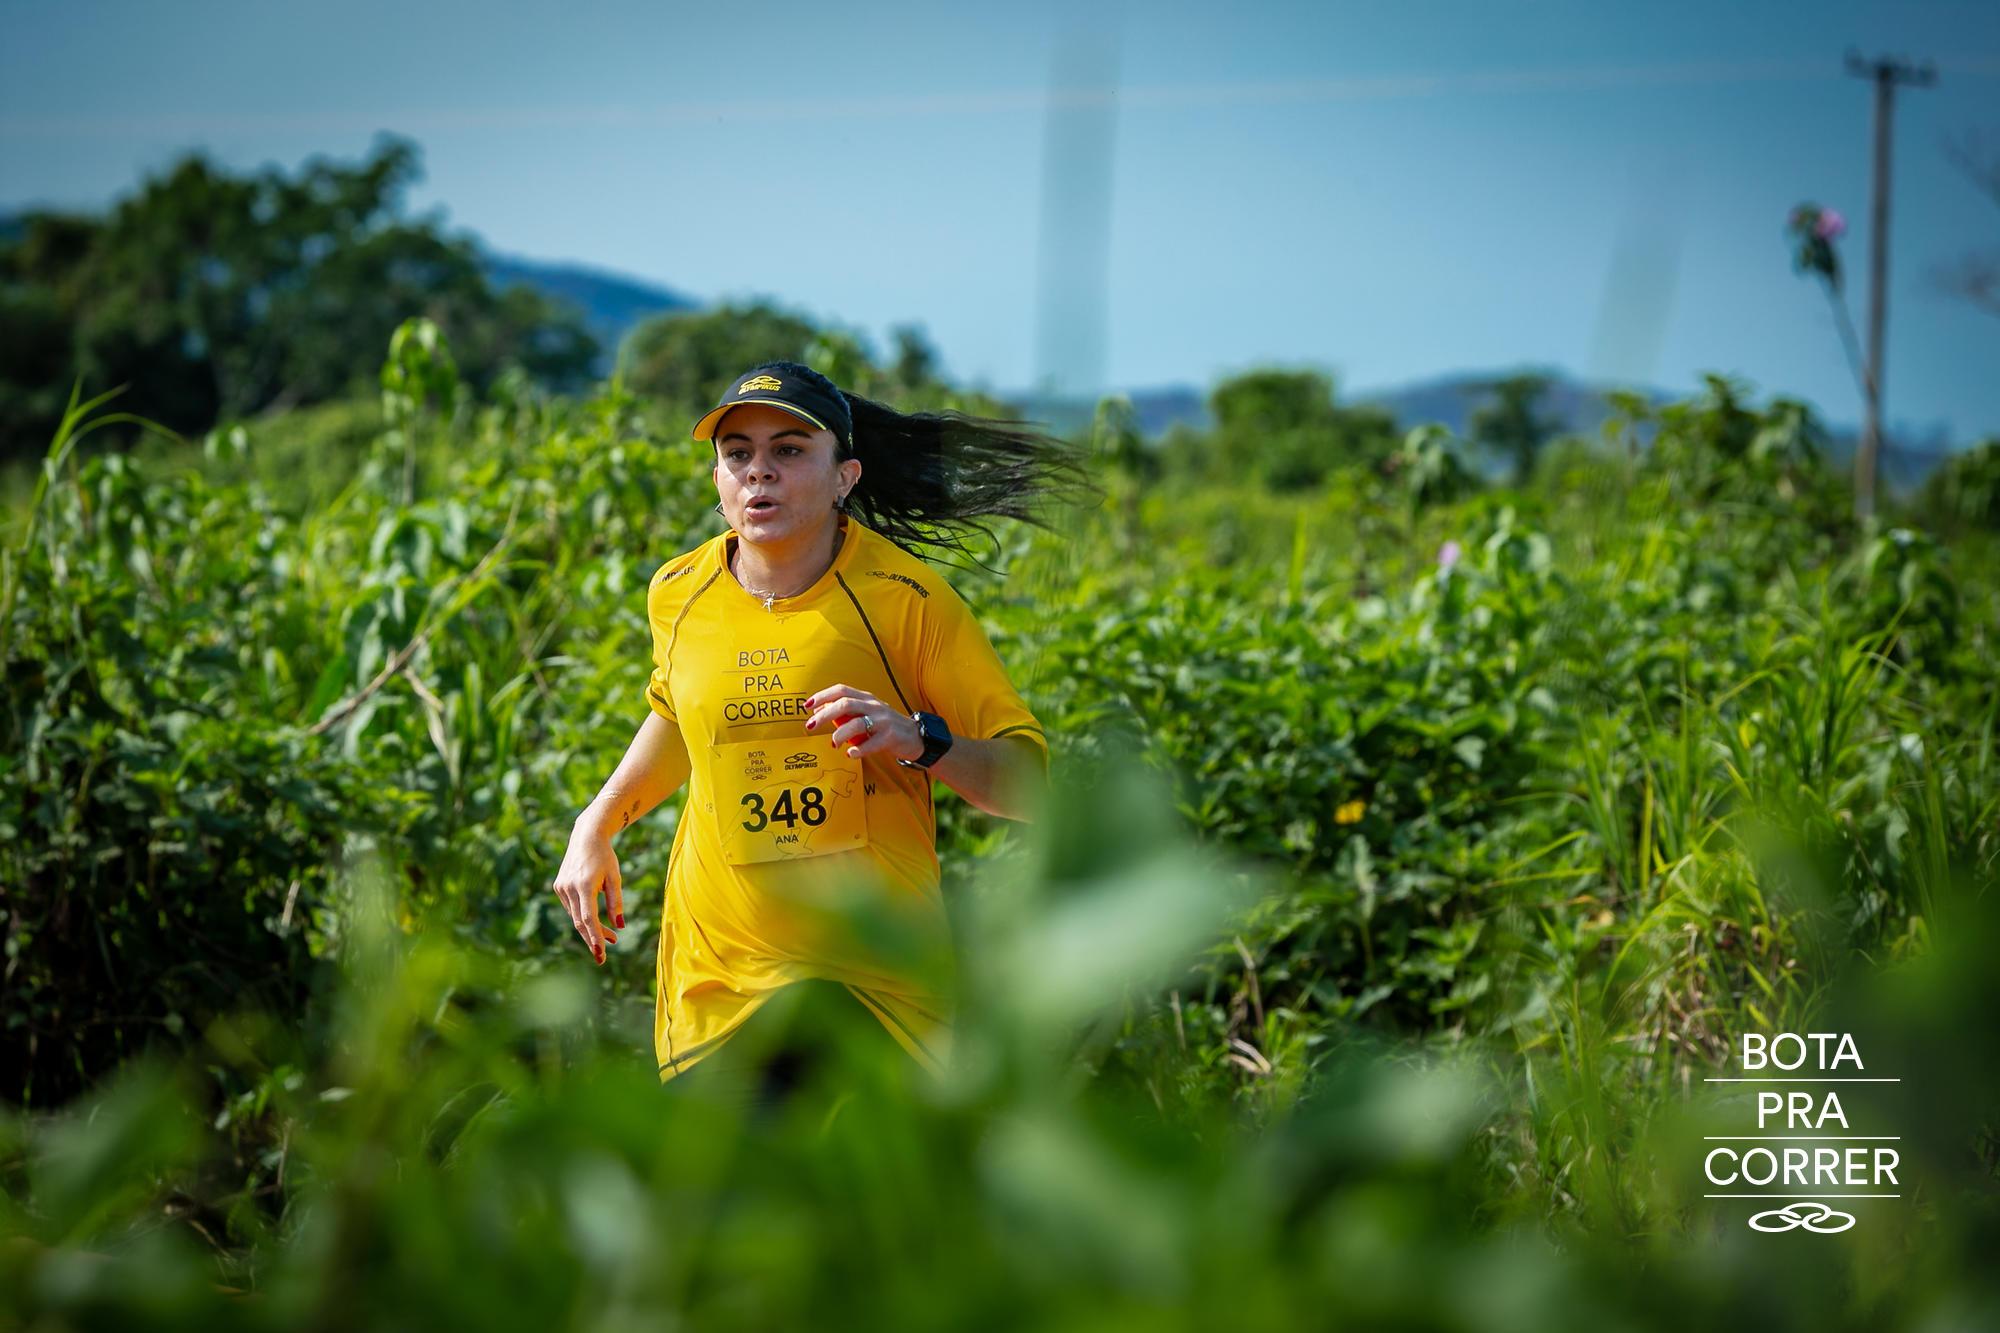 Bota pra Correr etapa Pantanal na visão de quem participou da prova